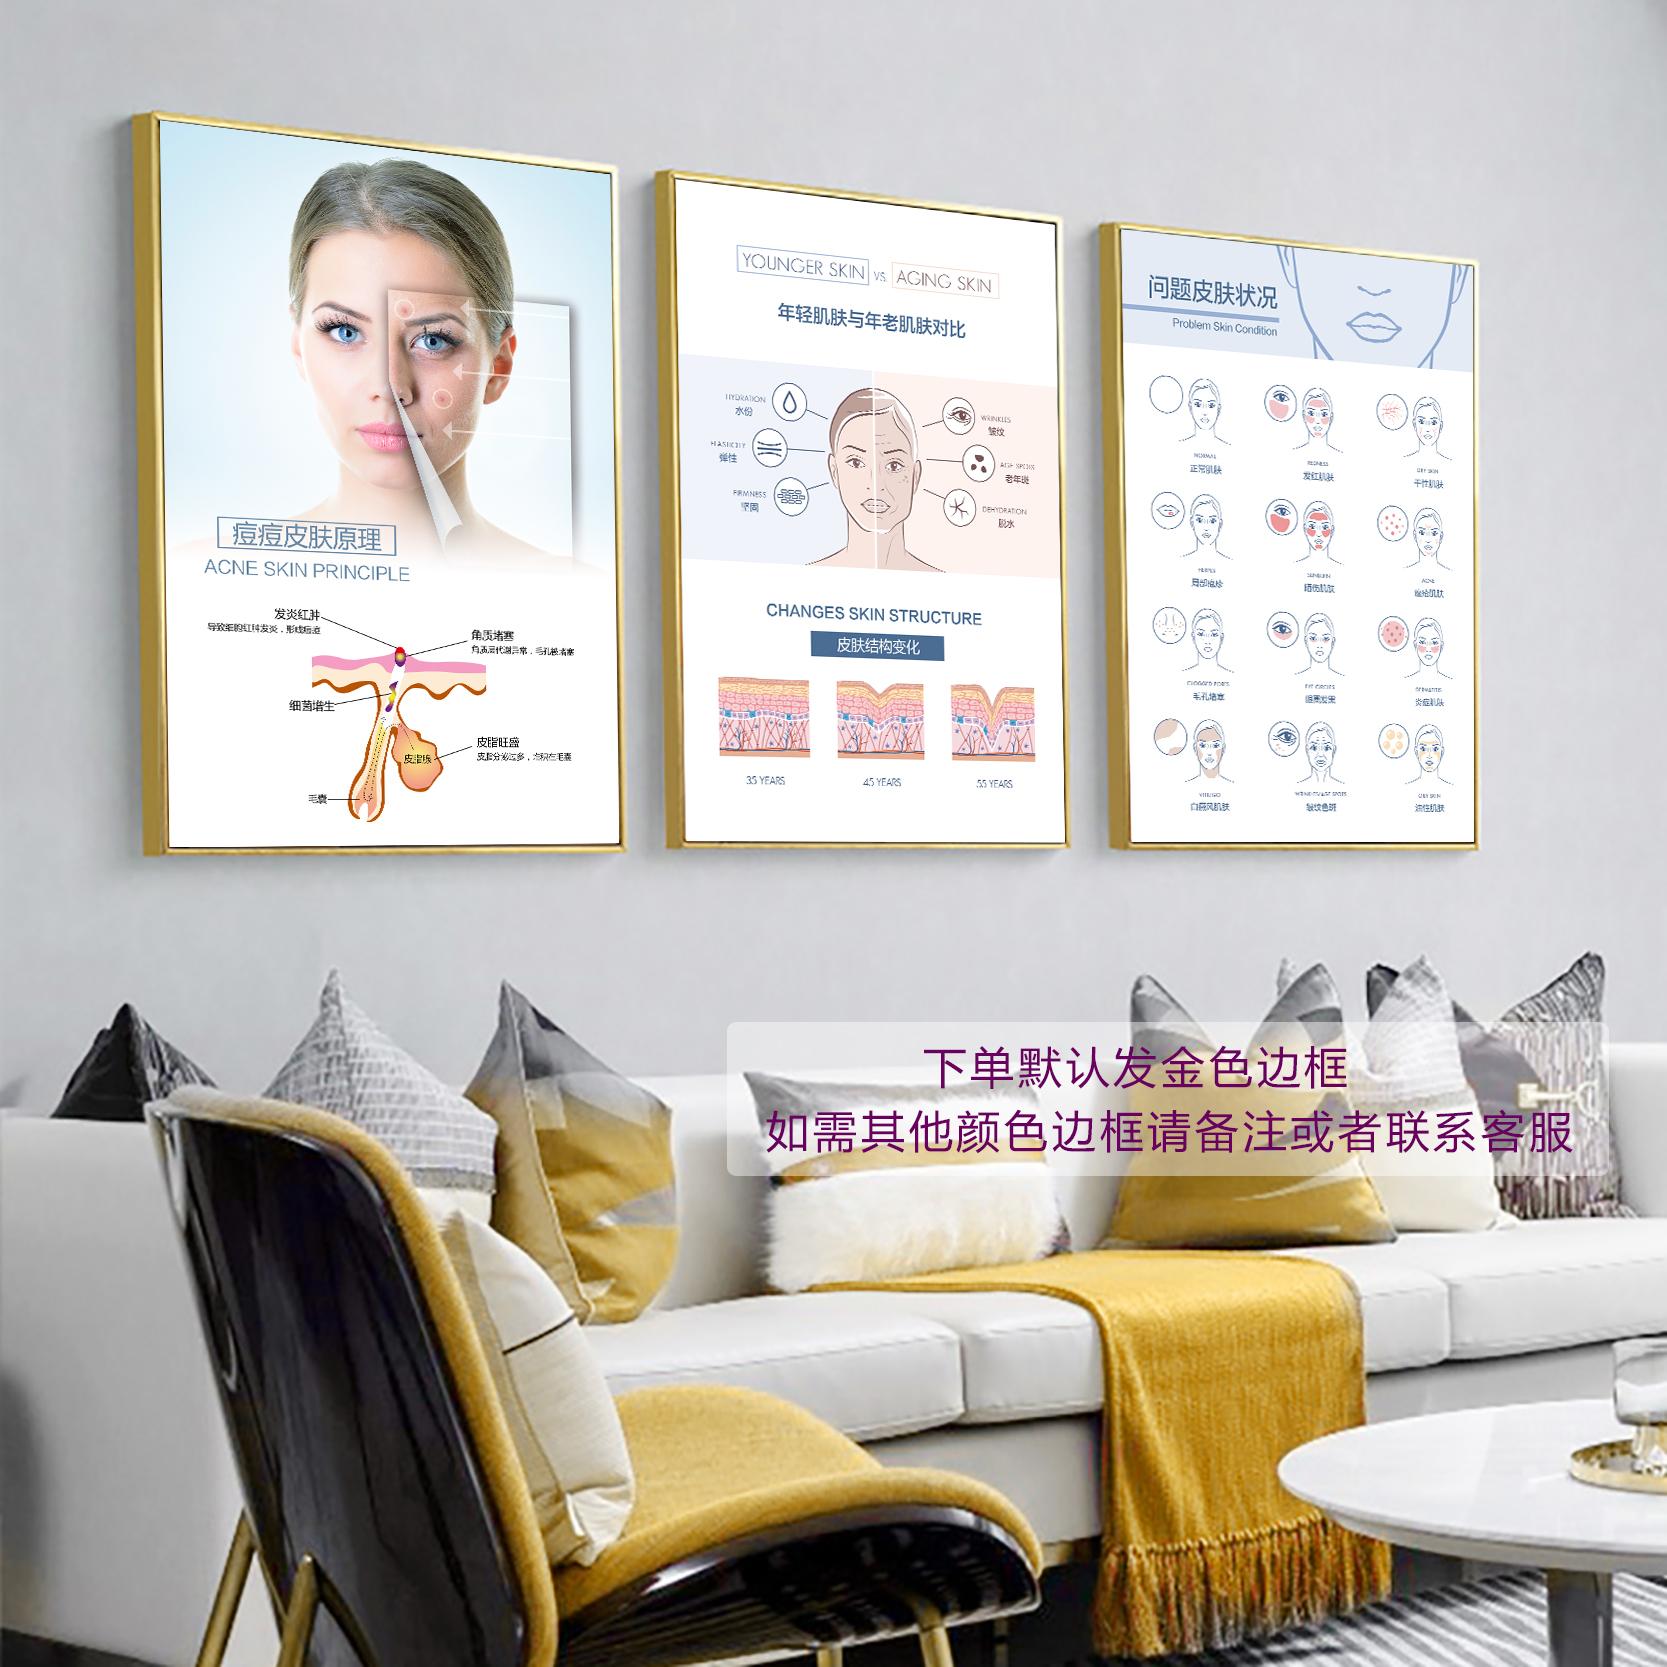 美容院皮肤管理祛痘祛斑工作室挂画